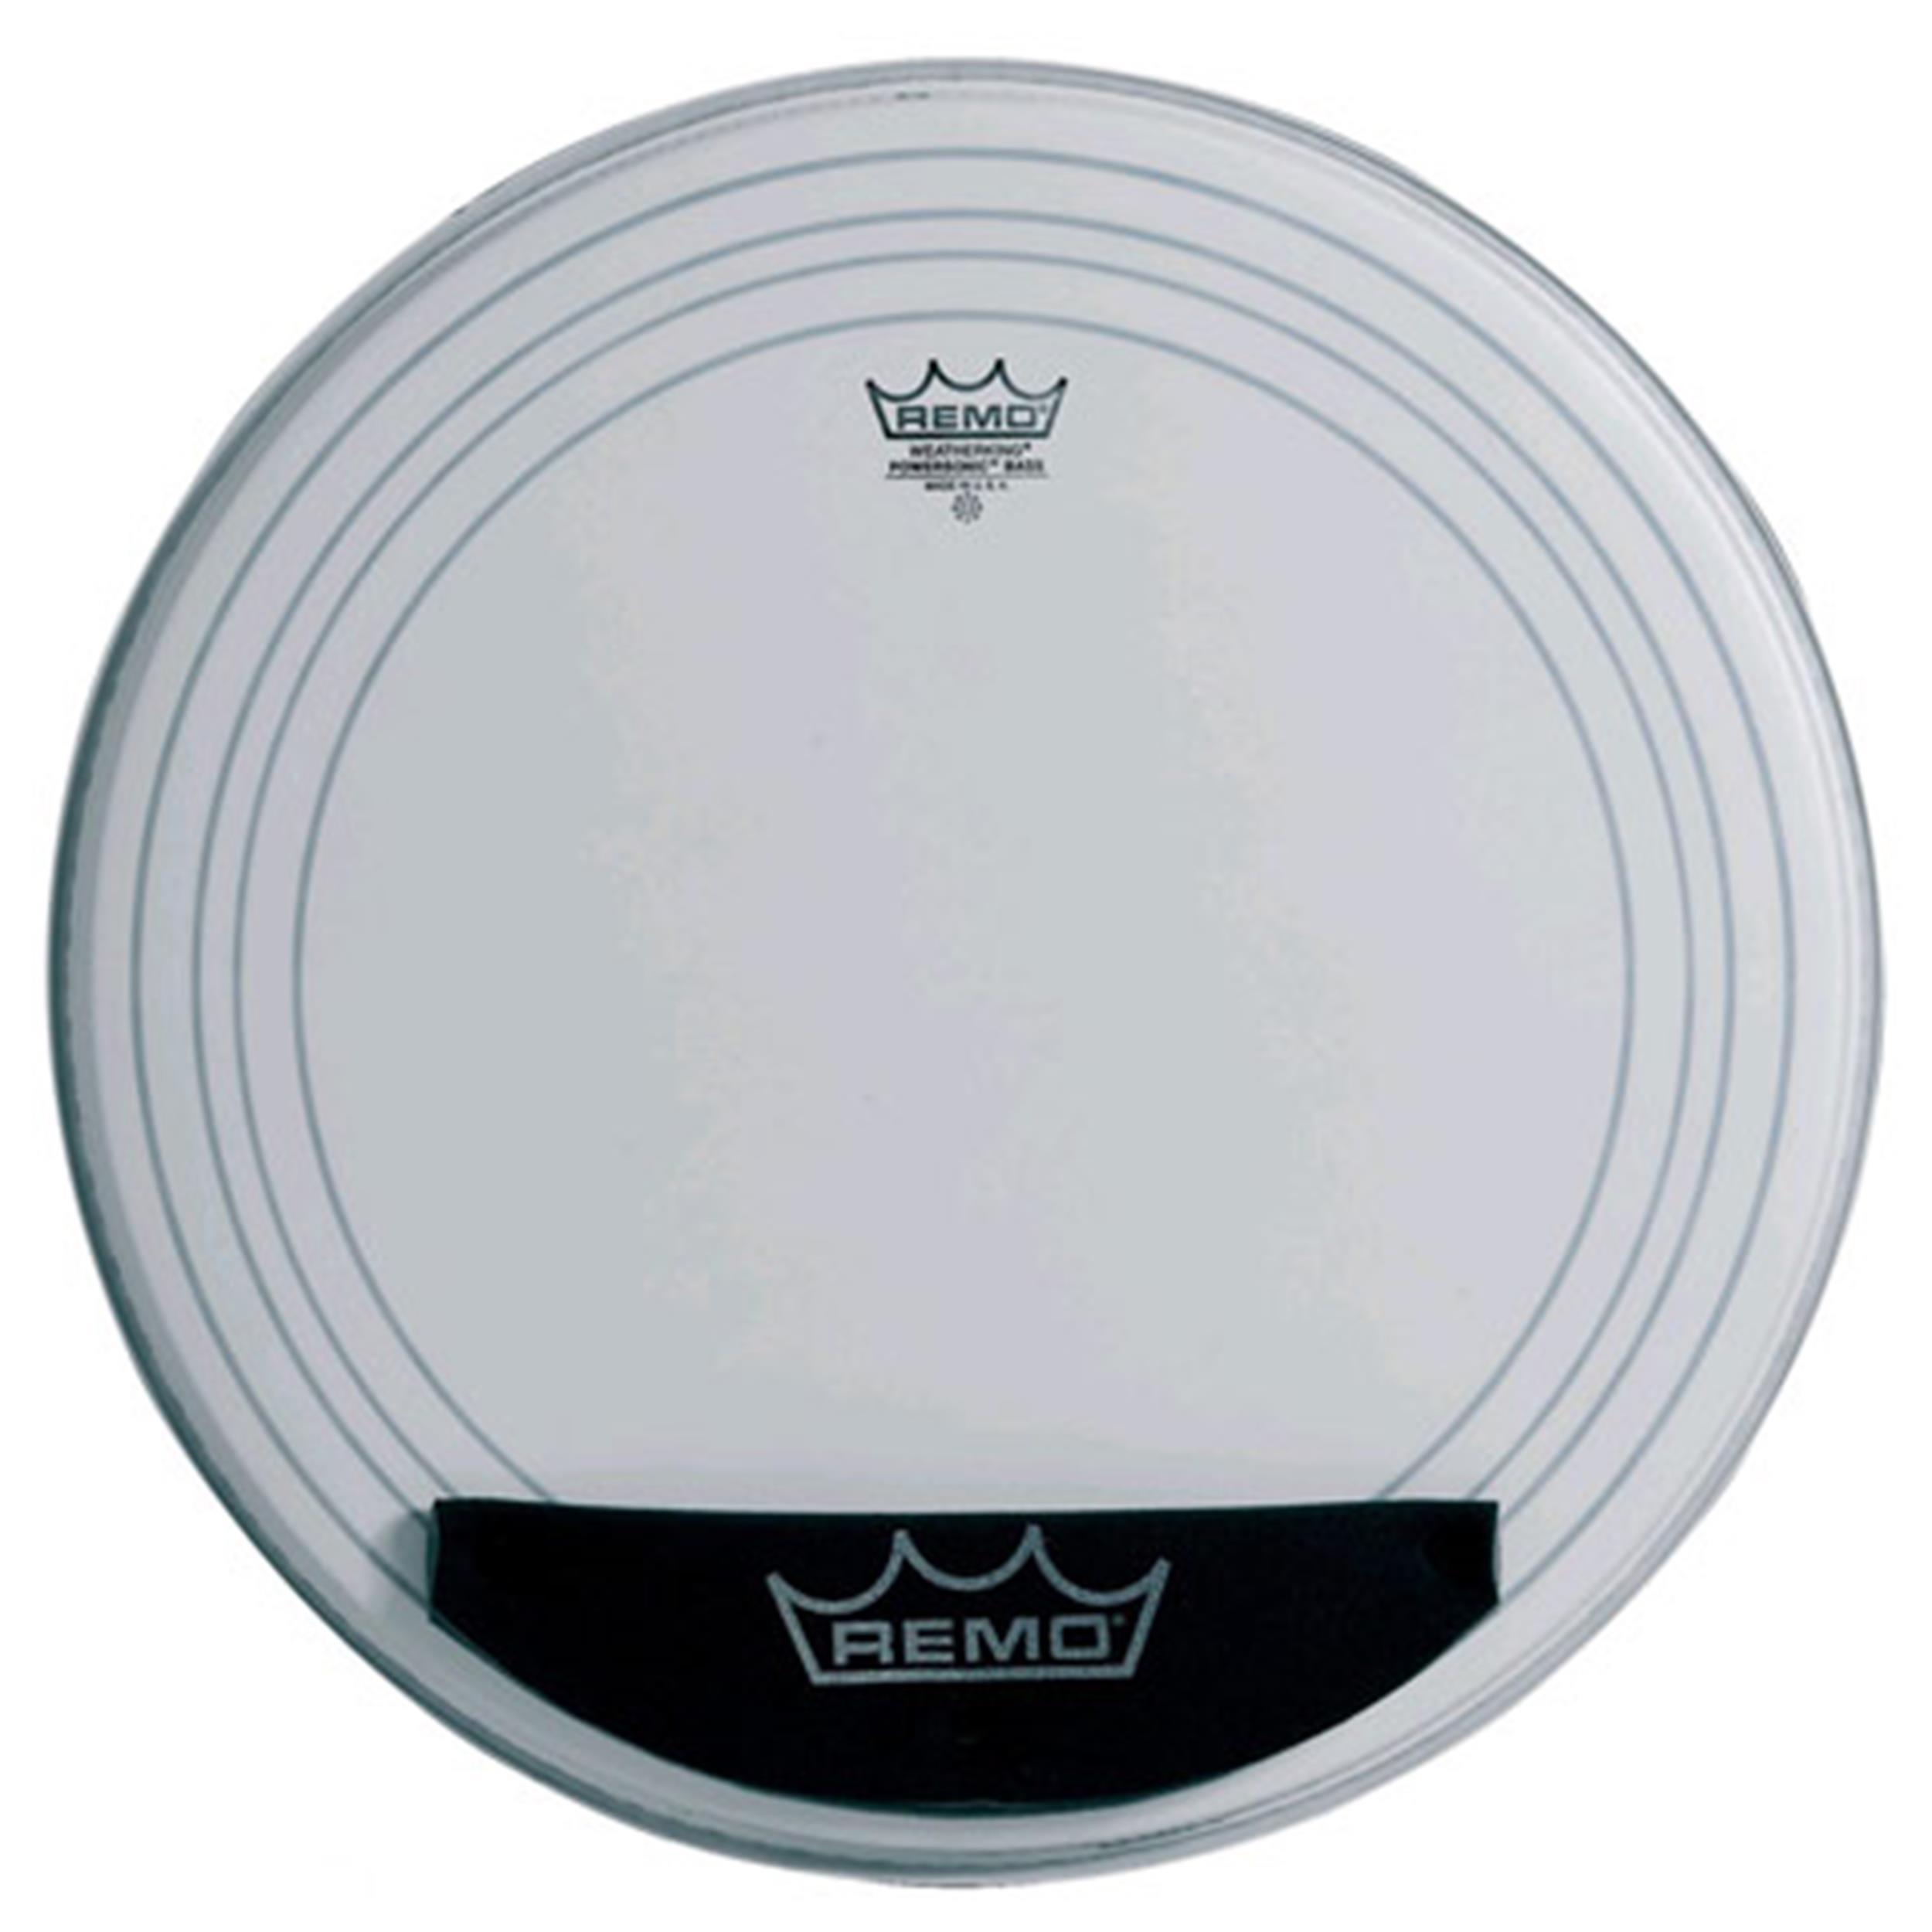 REMO POWERSONIC SABBIATA COATED PER CASSA 24 - Batterie / Percussioni Accessori - Pelli e Cerchi